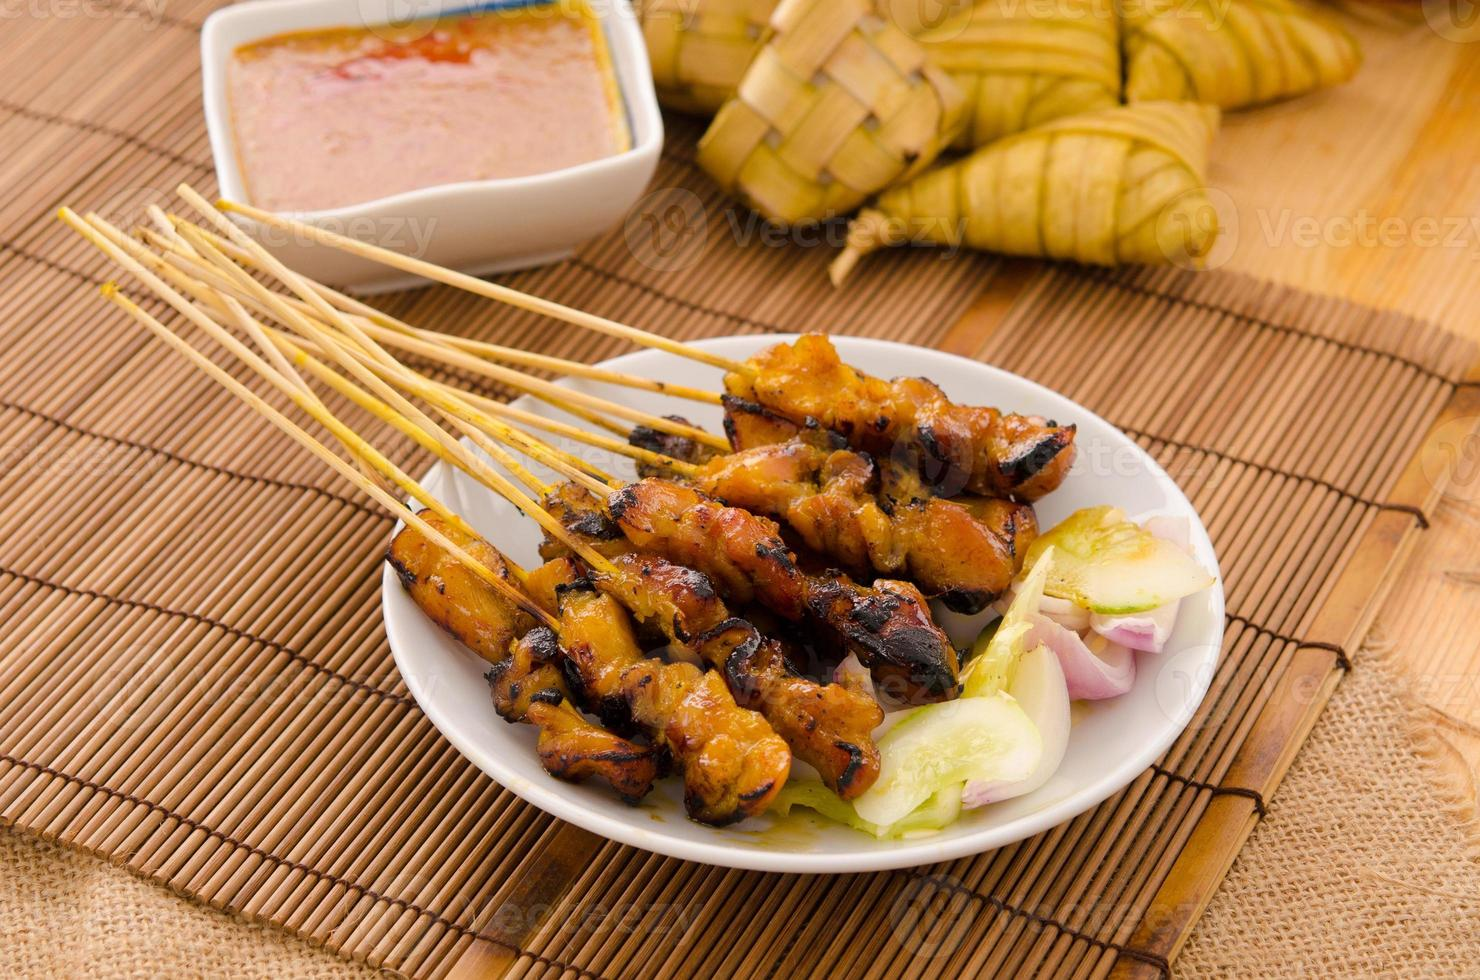 espetadas, espetos de carne tradicional kebab assado foto